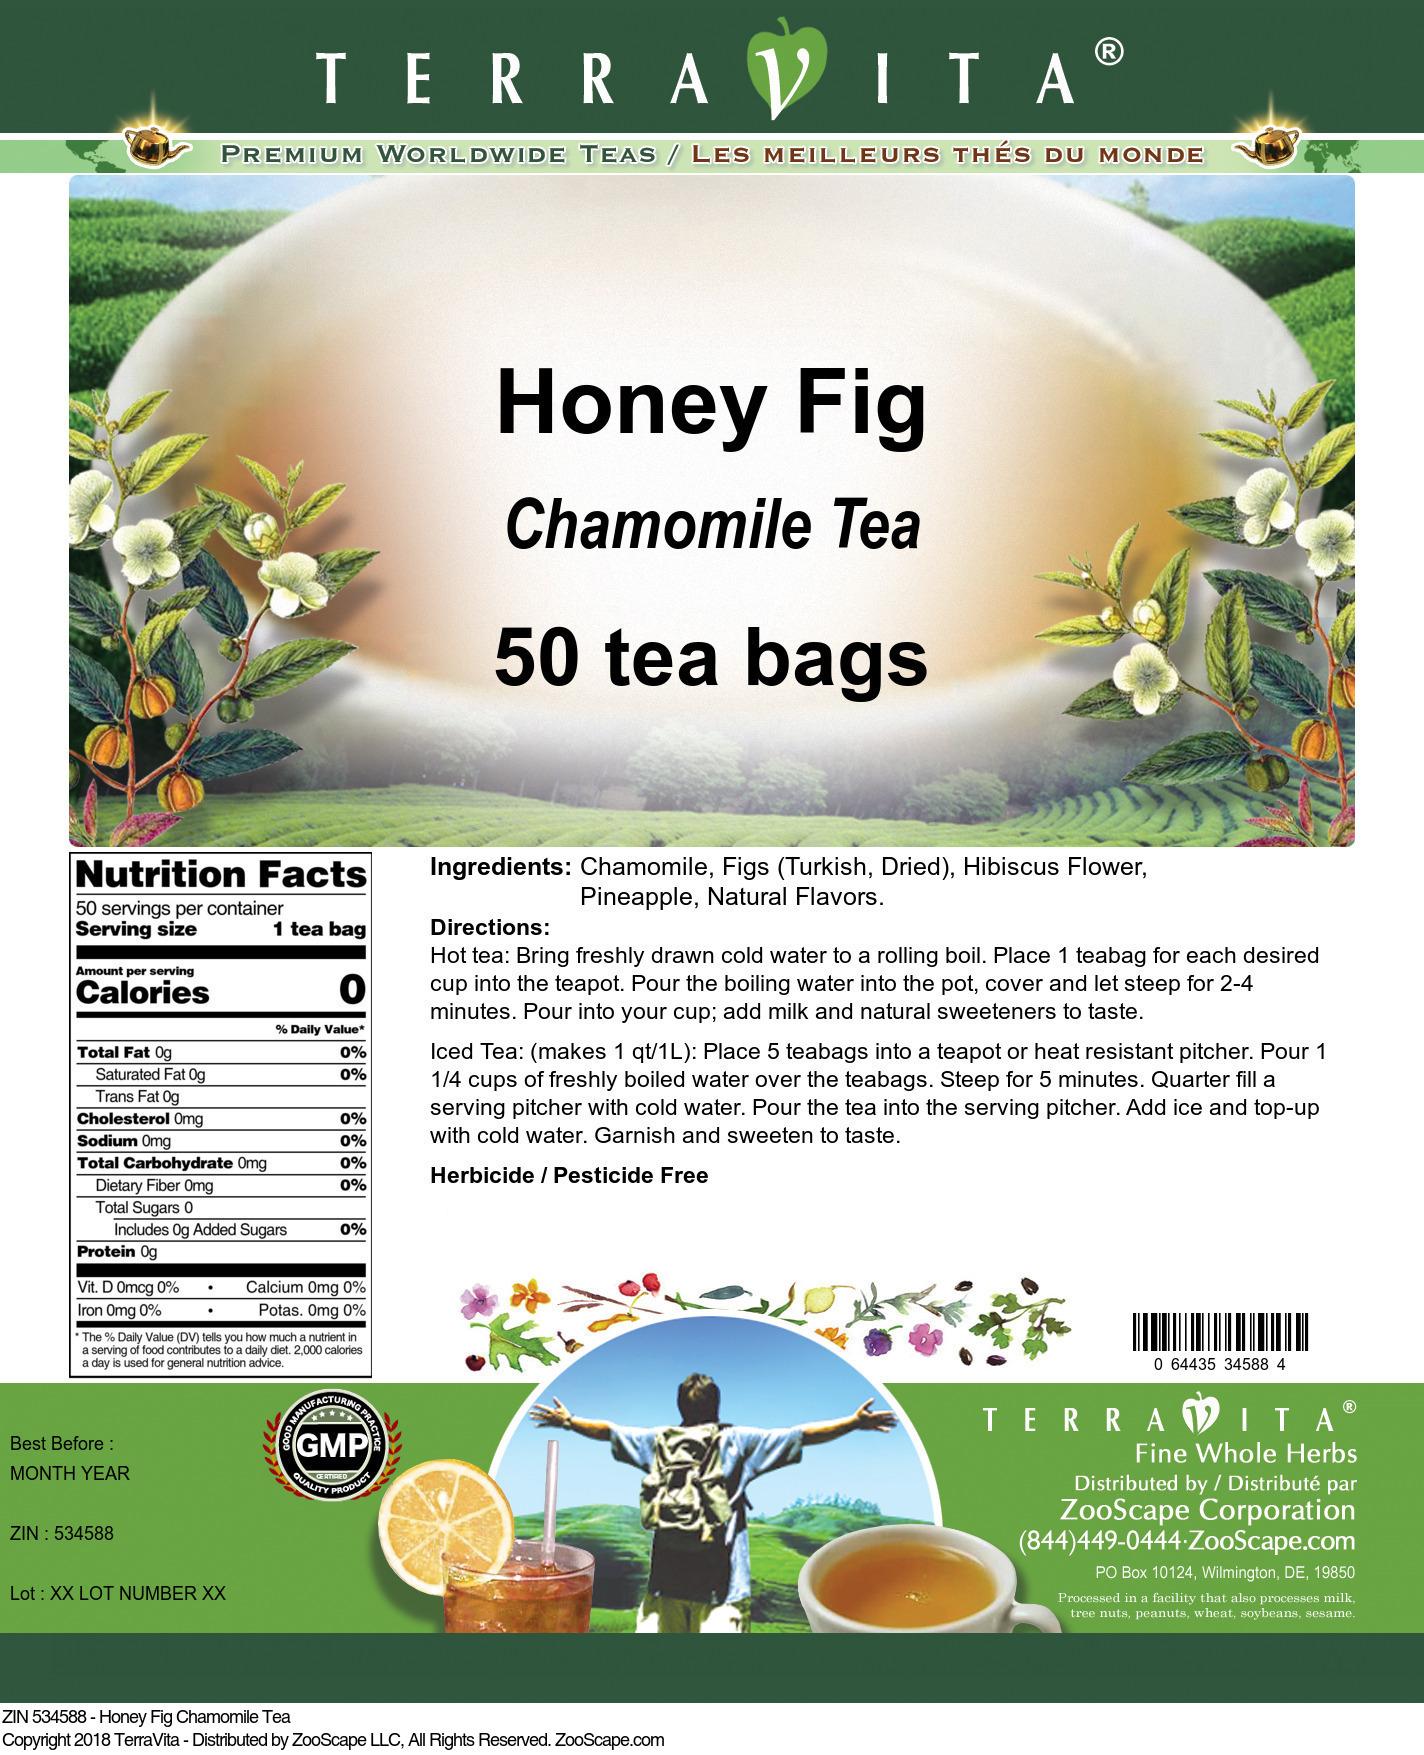 Honey Fig Chamomile Tea